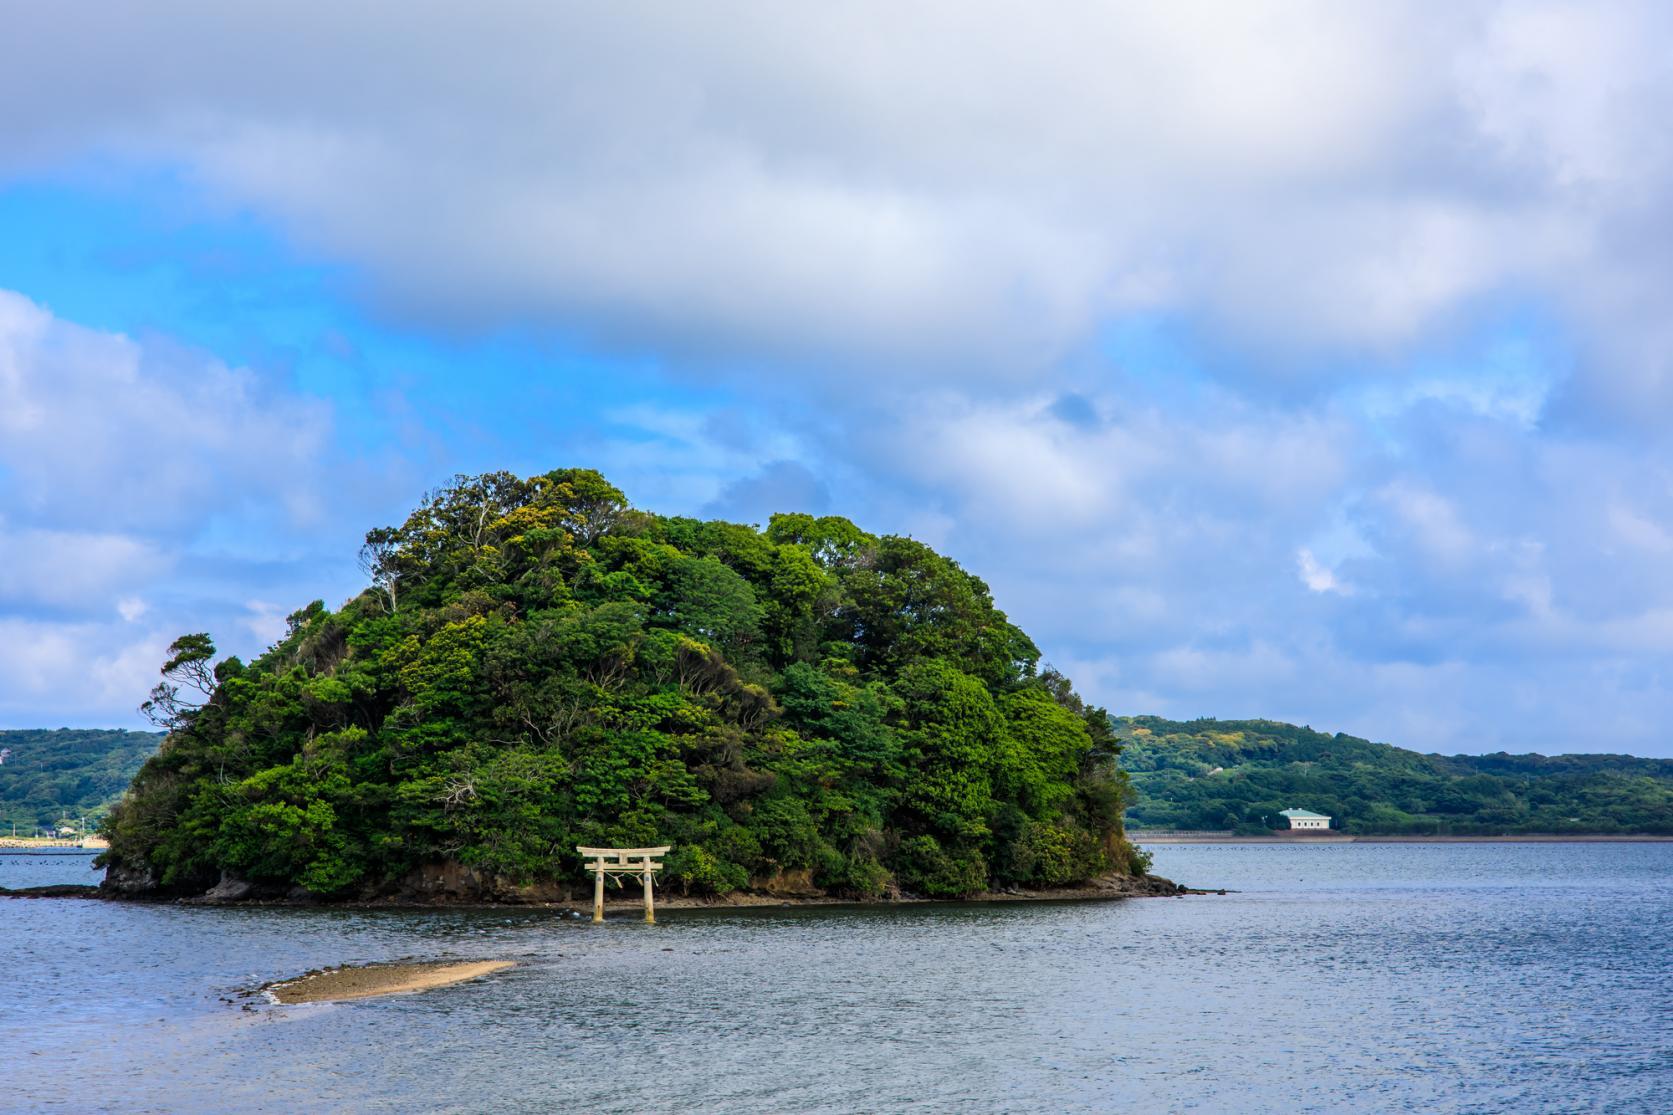 島のルールを守って楽しい観光を。-1